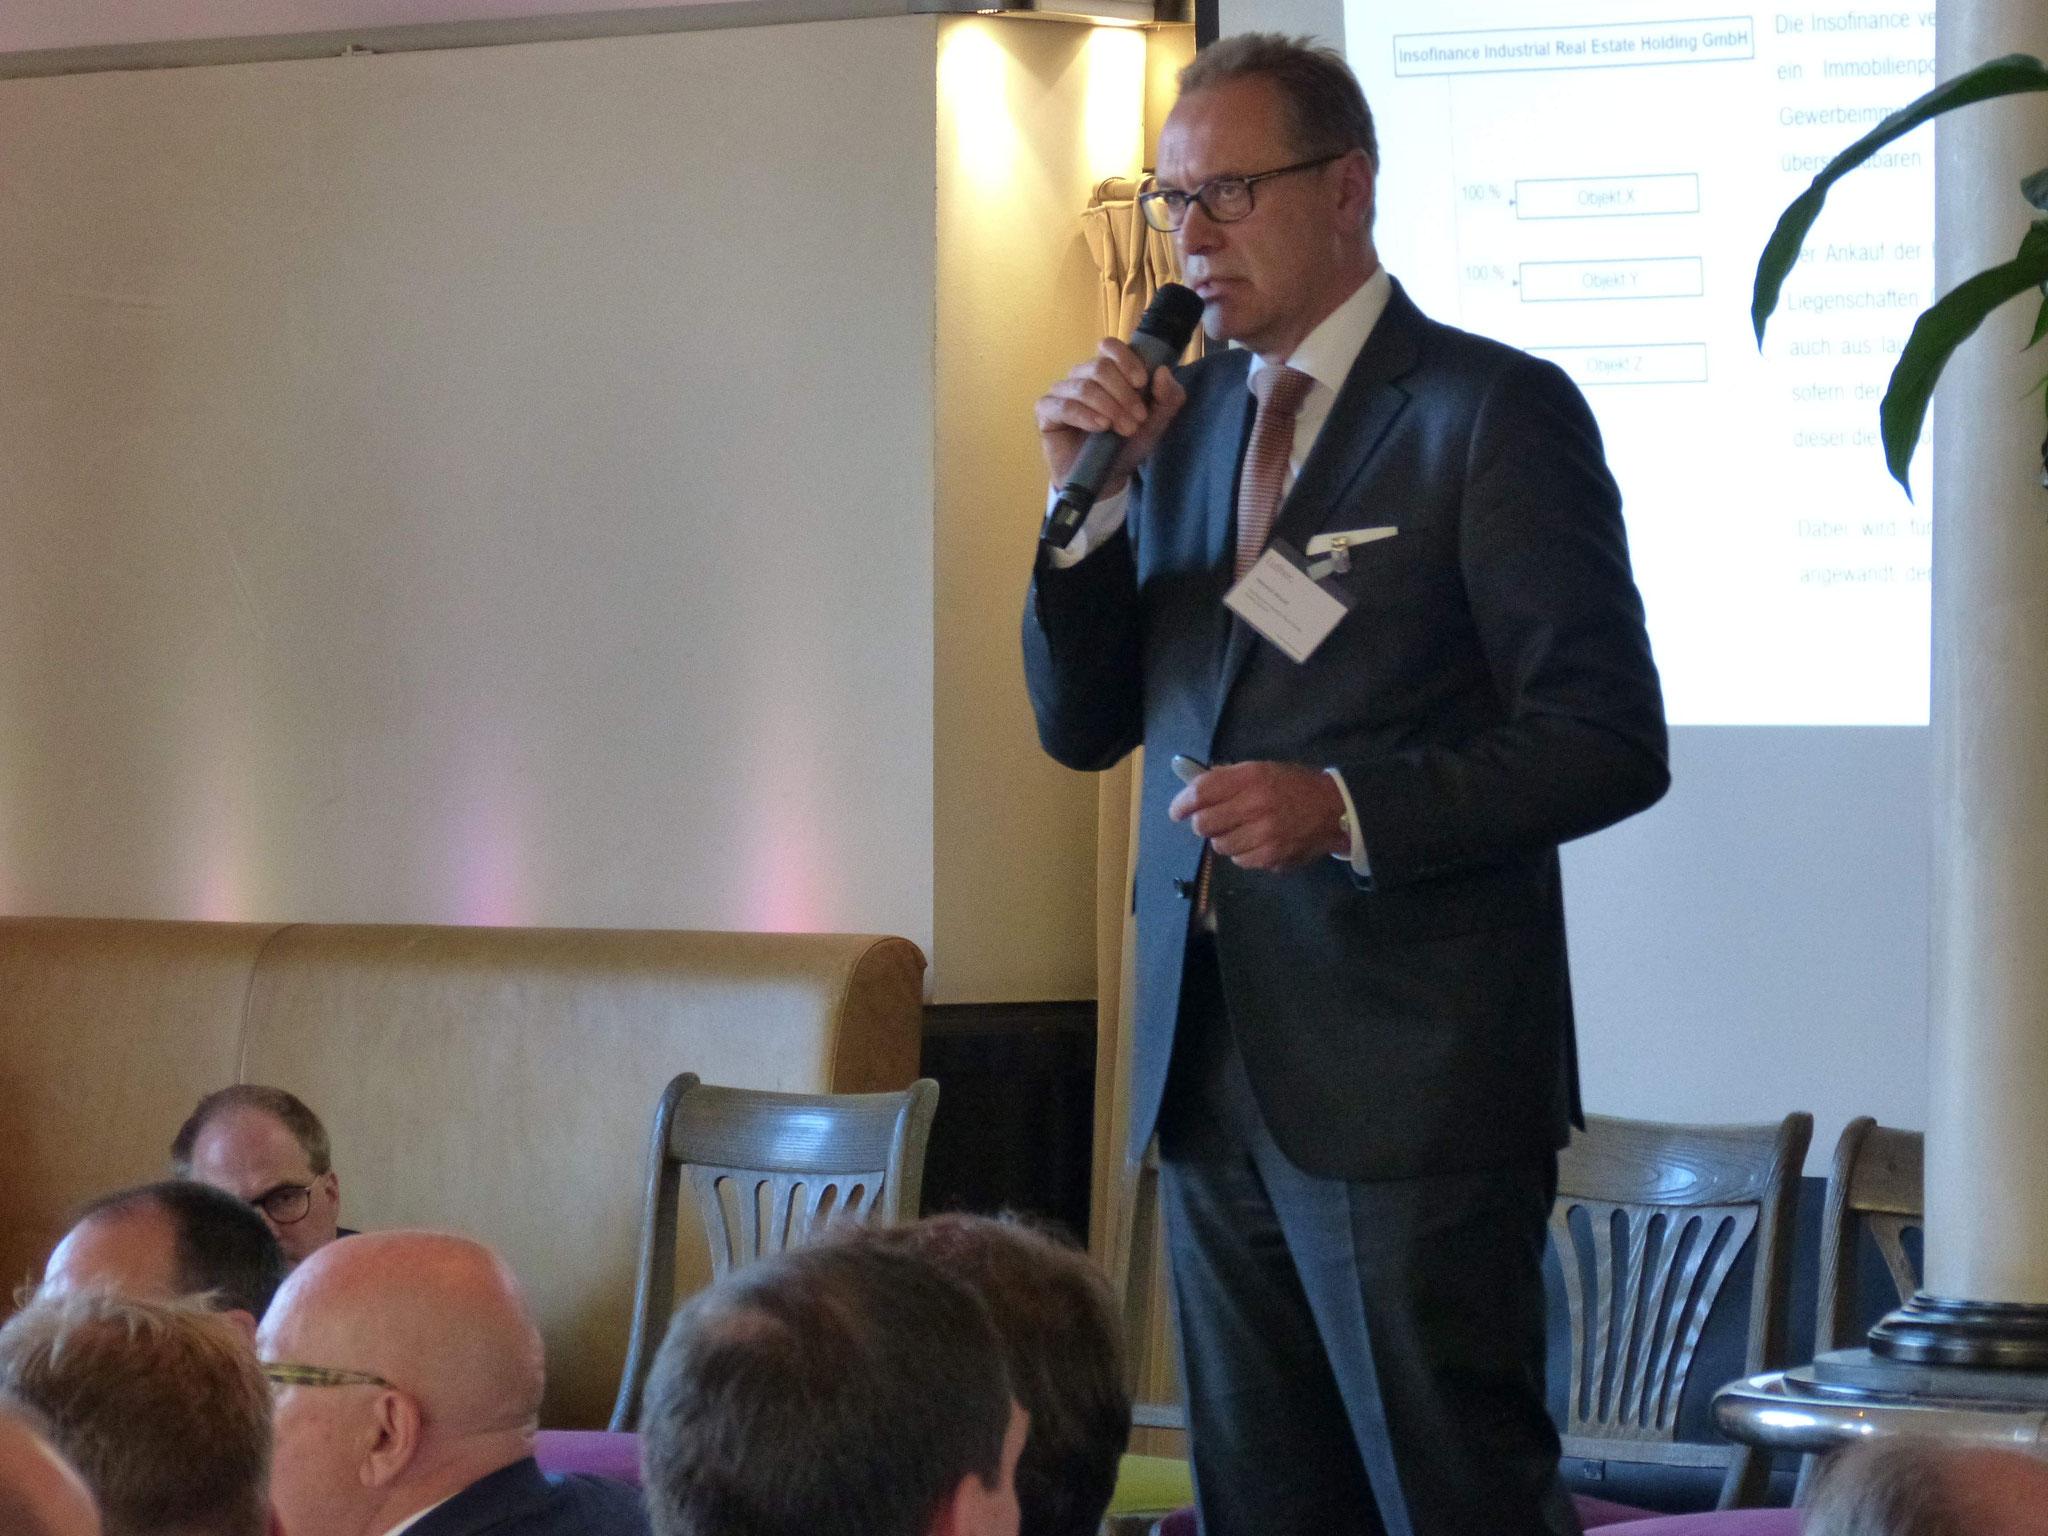 Heinrich Strauß, Geschäftsführer (Insofinance Industrial Real Estate Holding GmbH)